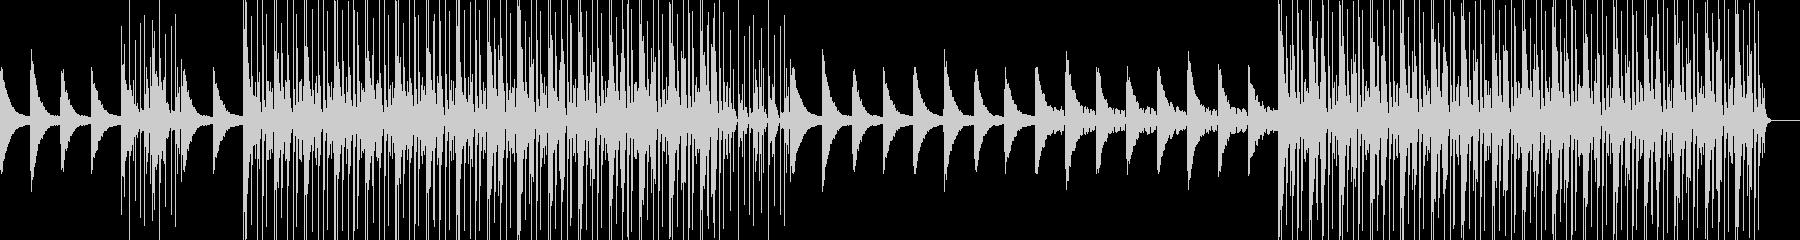 悲しげピアノ旋律の残響系テクノチルアウトの未再生の波形